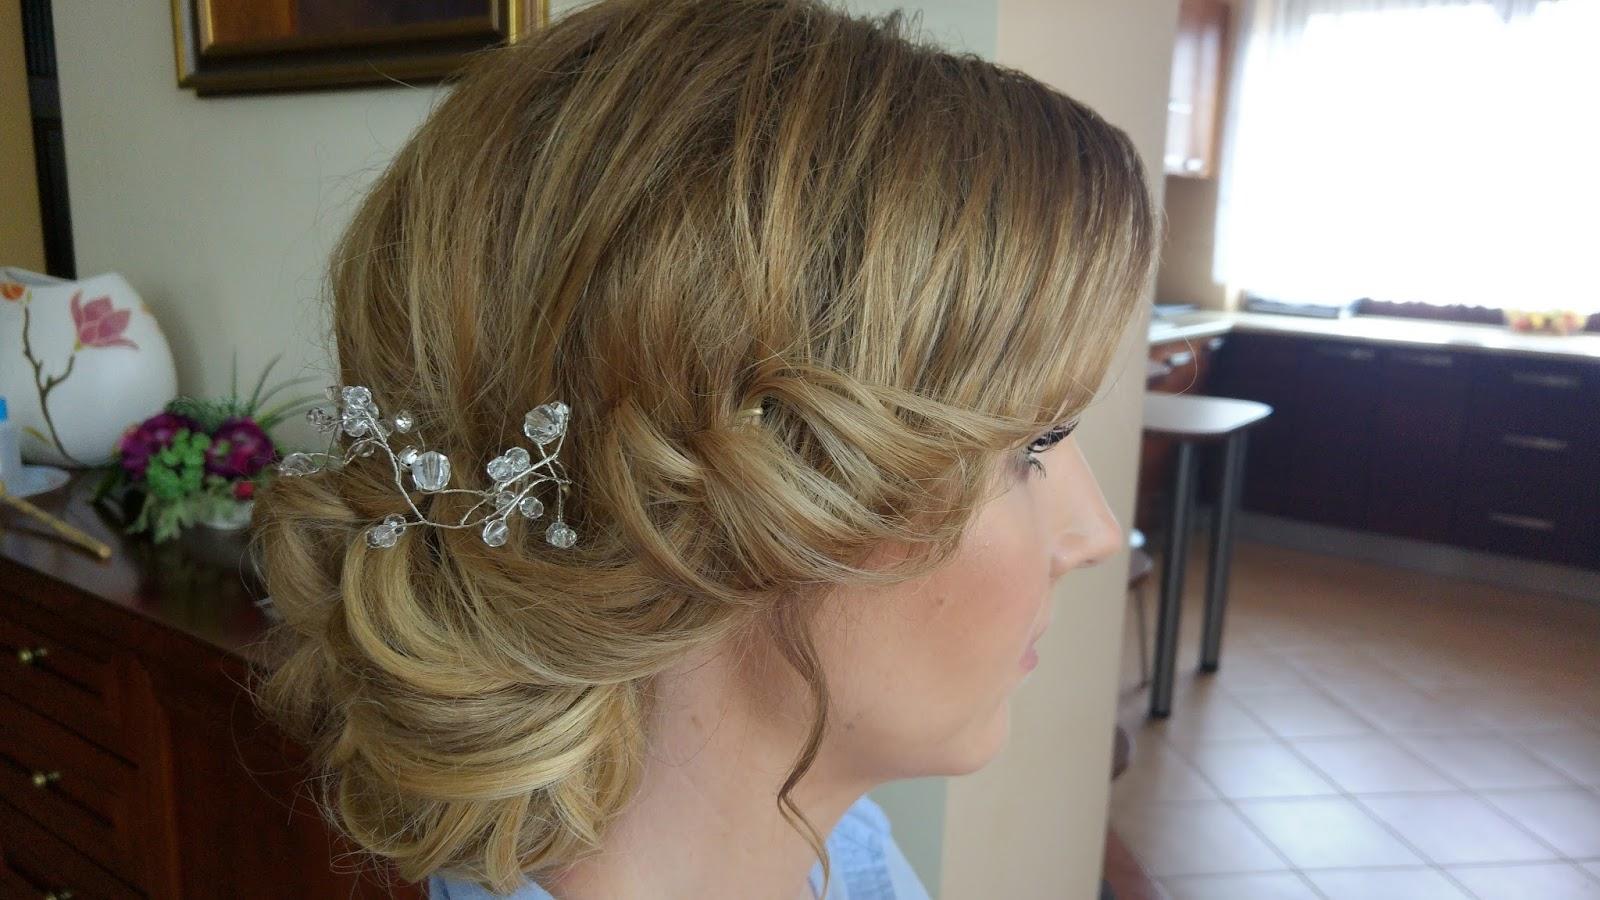 Fair Hair Care Fryzura ślubna Dla Cienkich Włosów Moja Fryzura